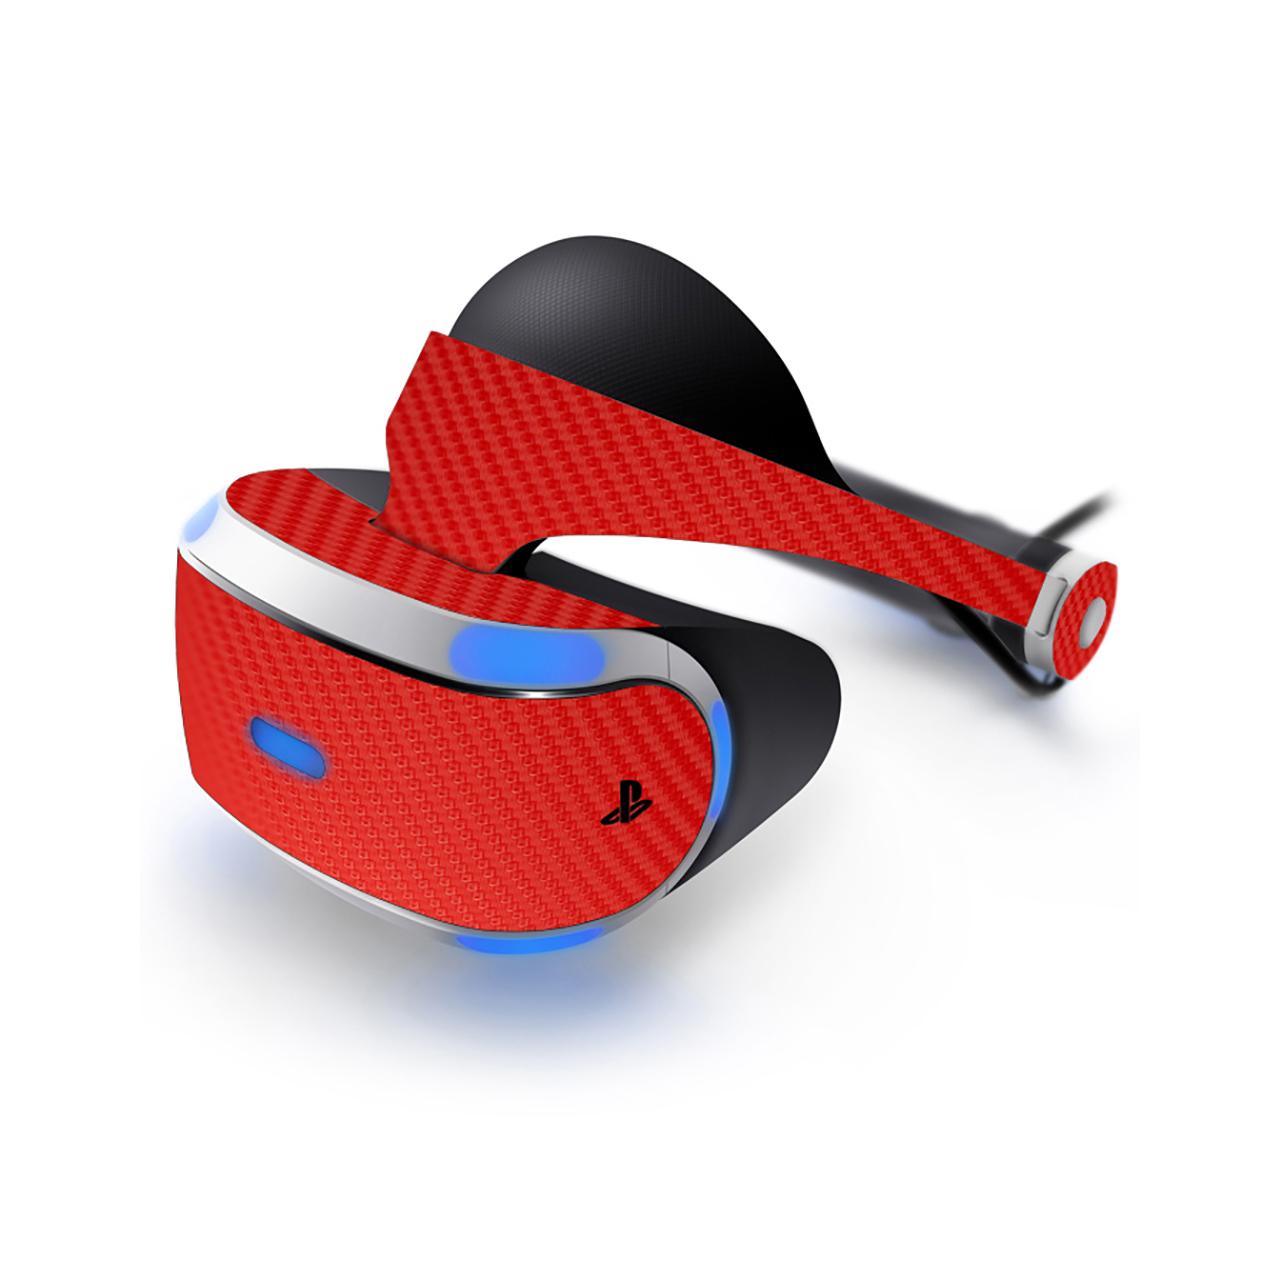 برچسب طرح فیبر-قرمز ماهوت مناسب برای عینک واقعیت مجازی  PlayStation VR